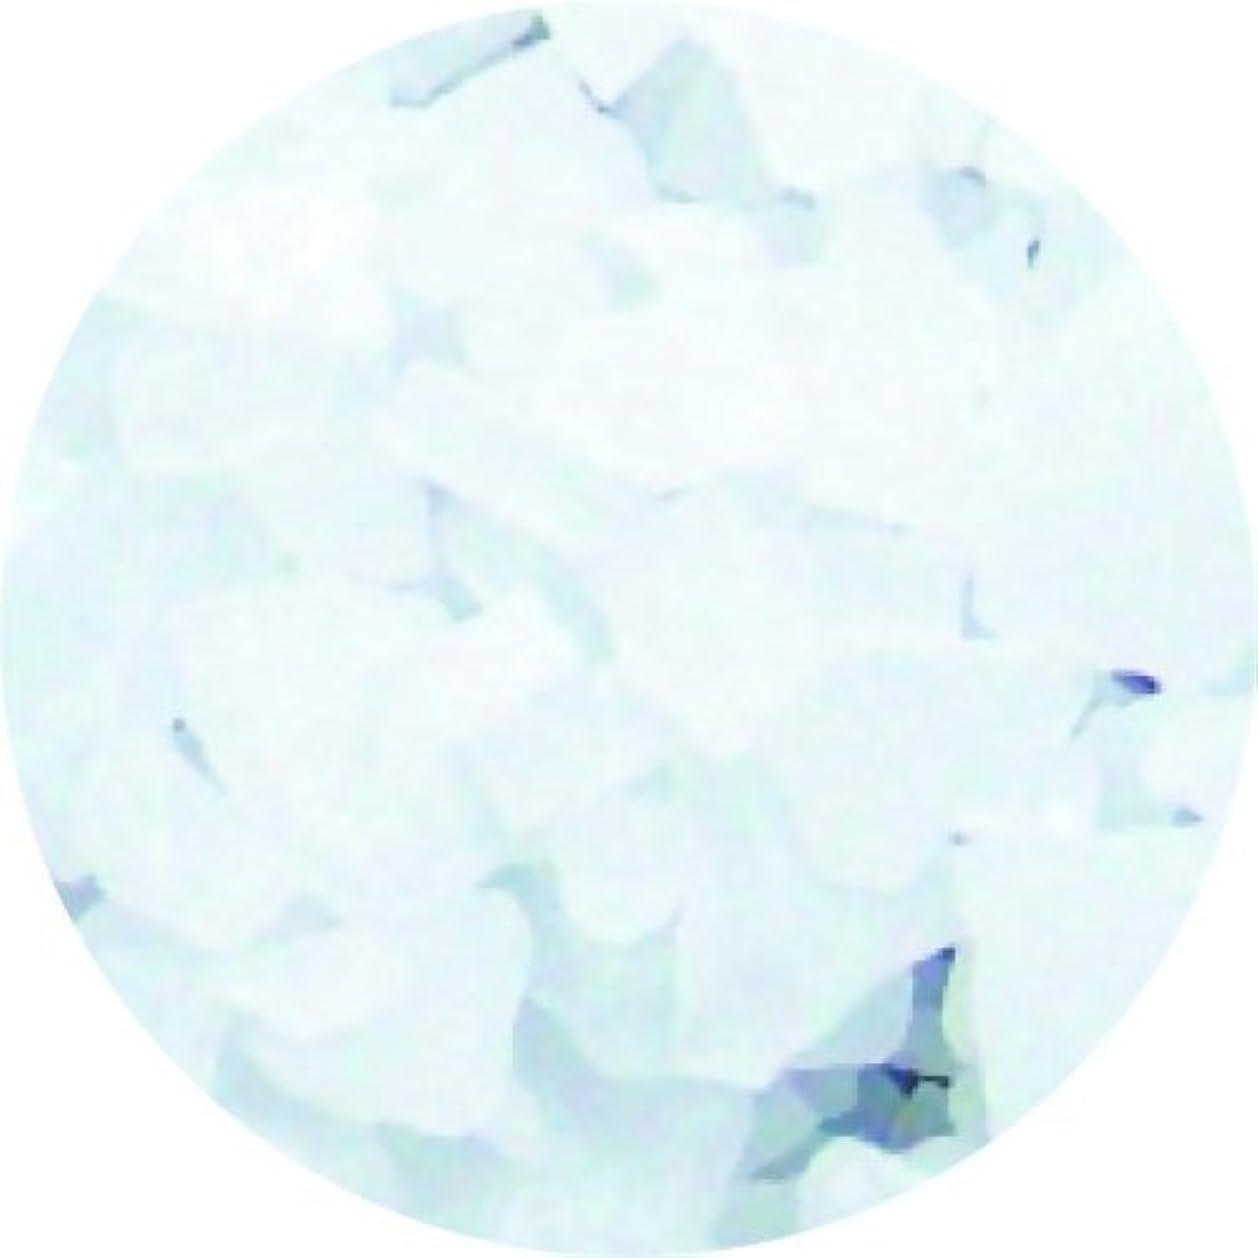 シャツ生直接死海の塩マグネシウムJ1kg